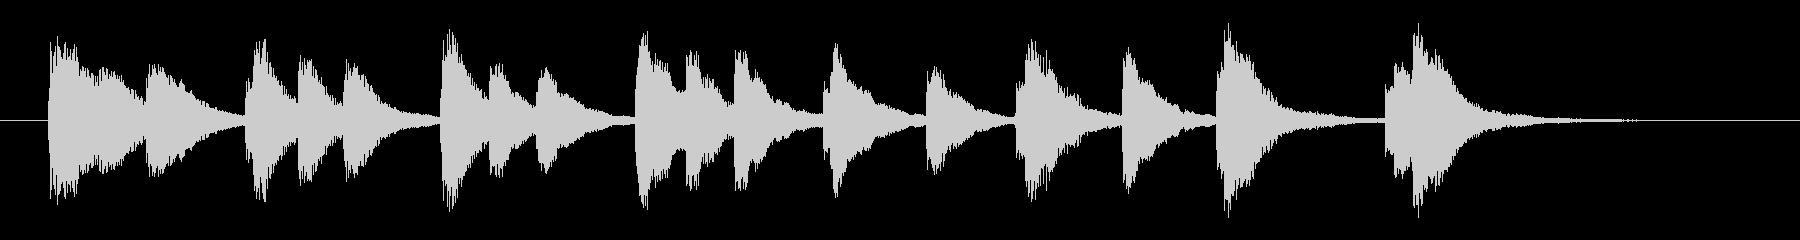 かわいいジングル・場面転換の未再生の波形